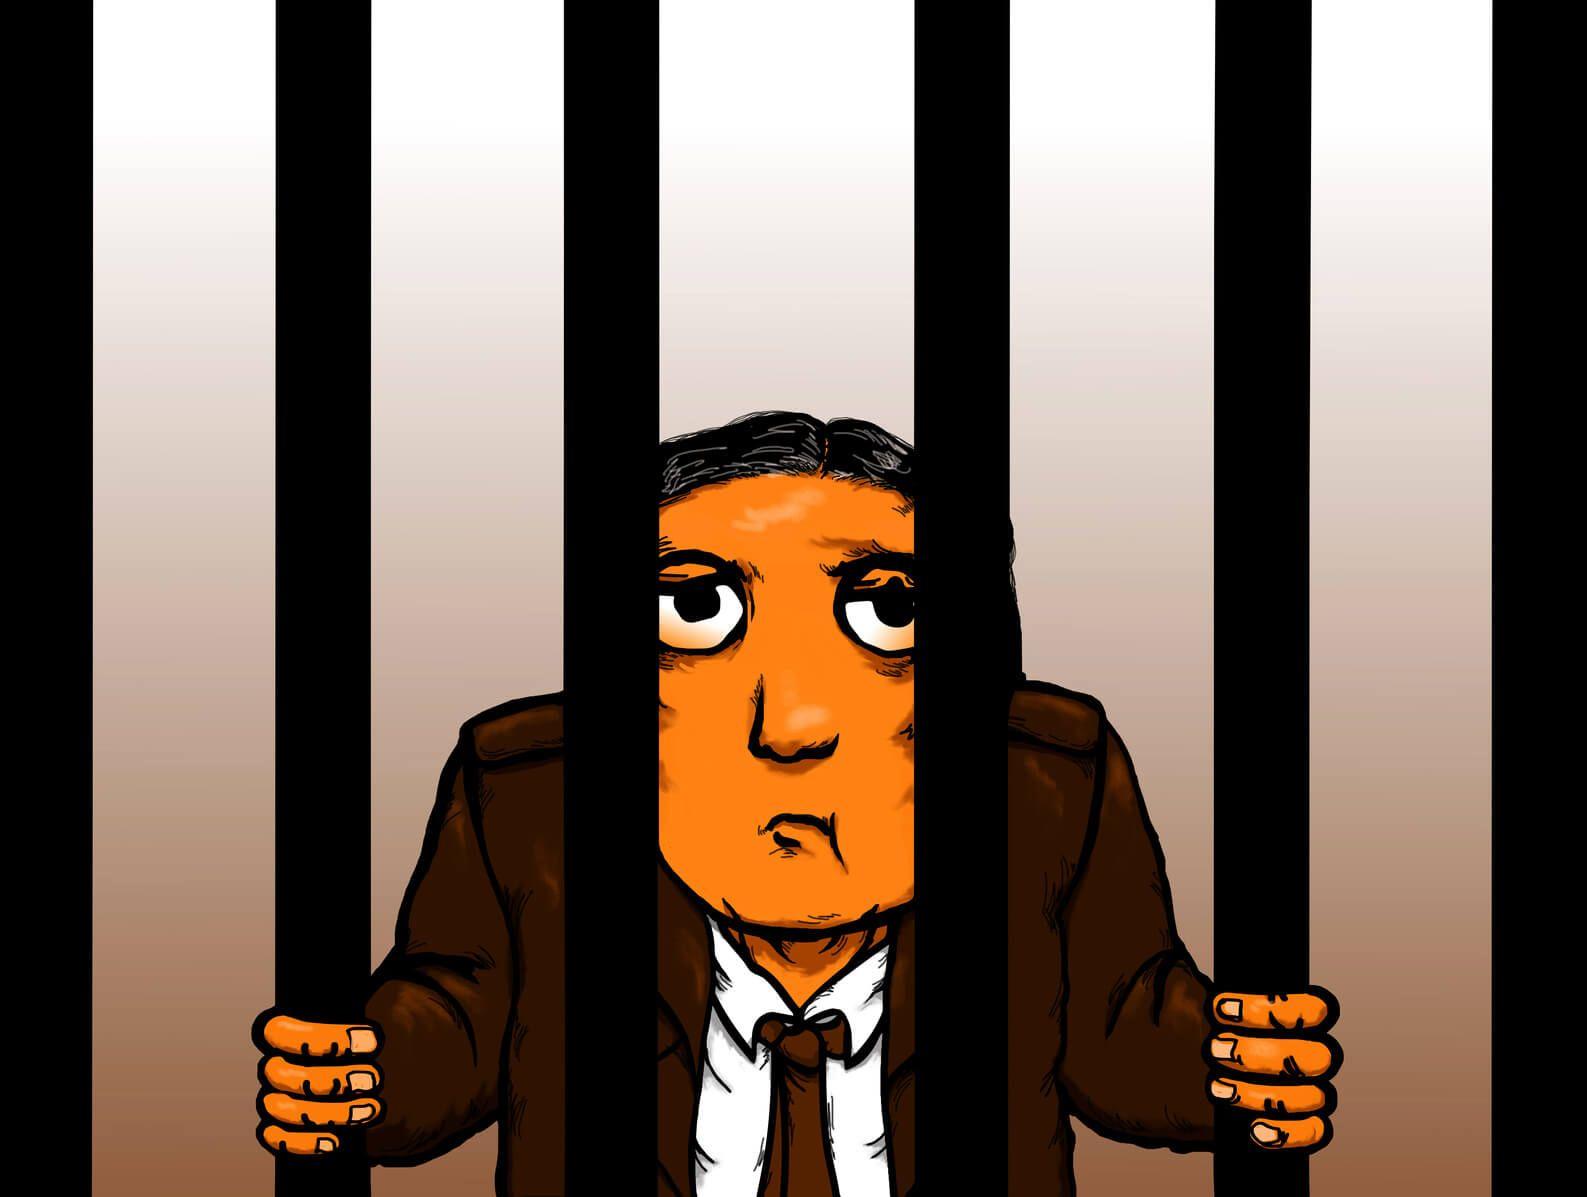 El juicio político en la provincia del Chaco: Algunas claridades